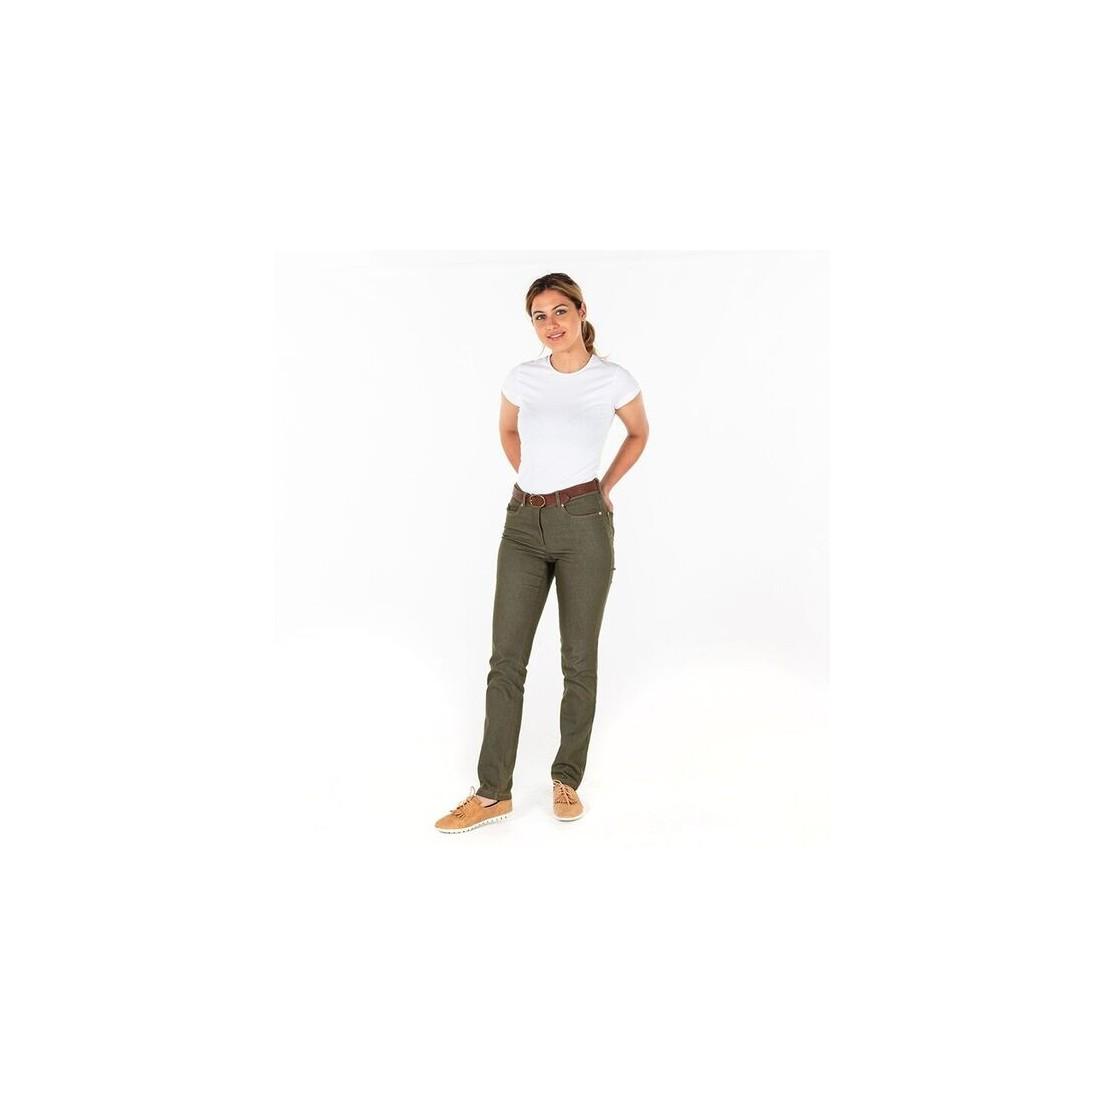 Pantalón vaquero talle medio chica